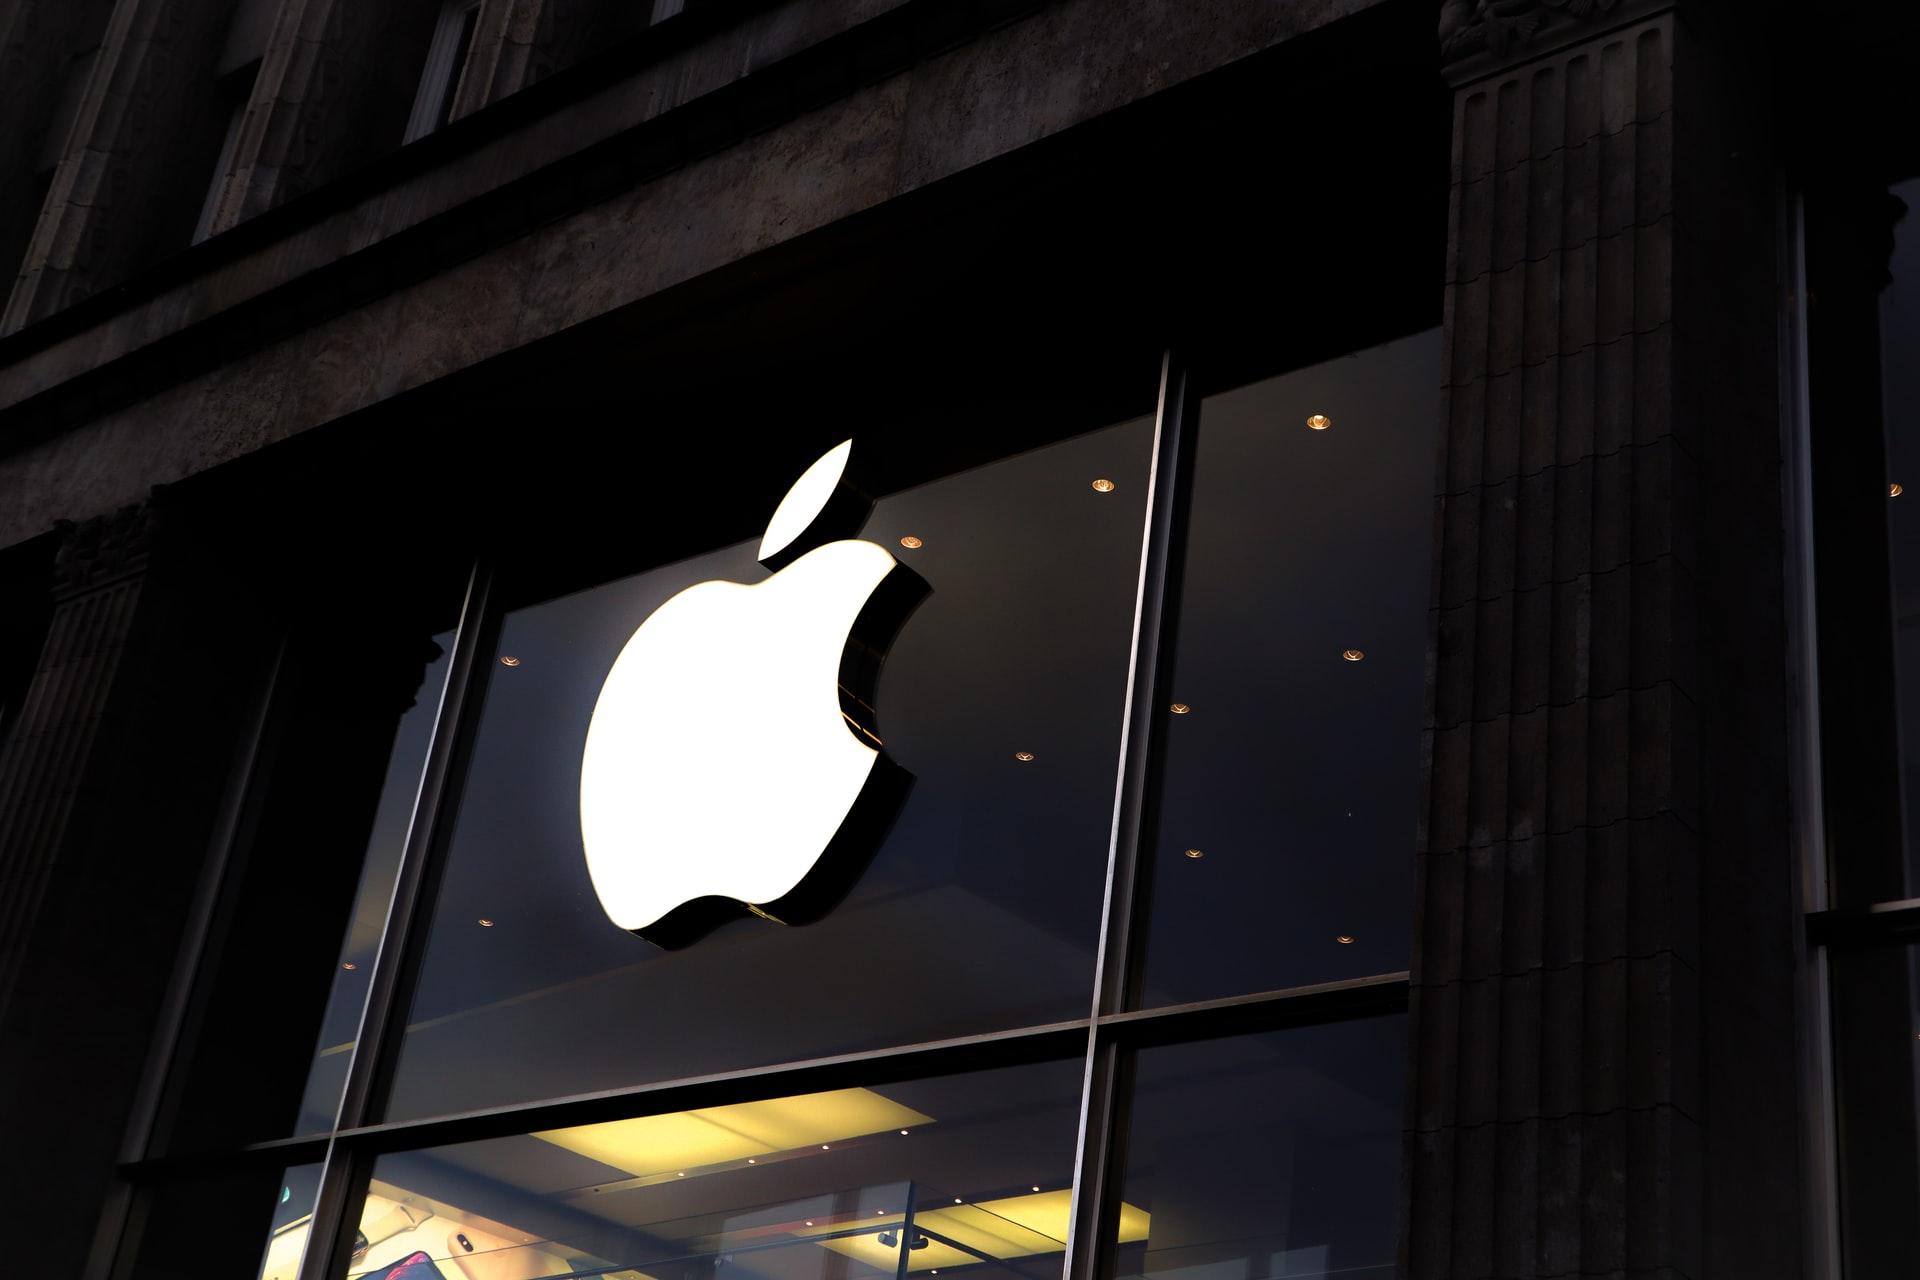 Najzelenšia spoločnosť na svete. Ako sa Apple stavia k ekológii?